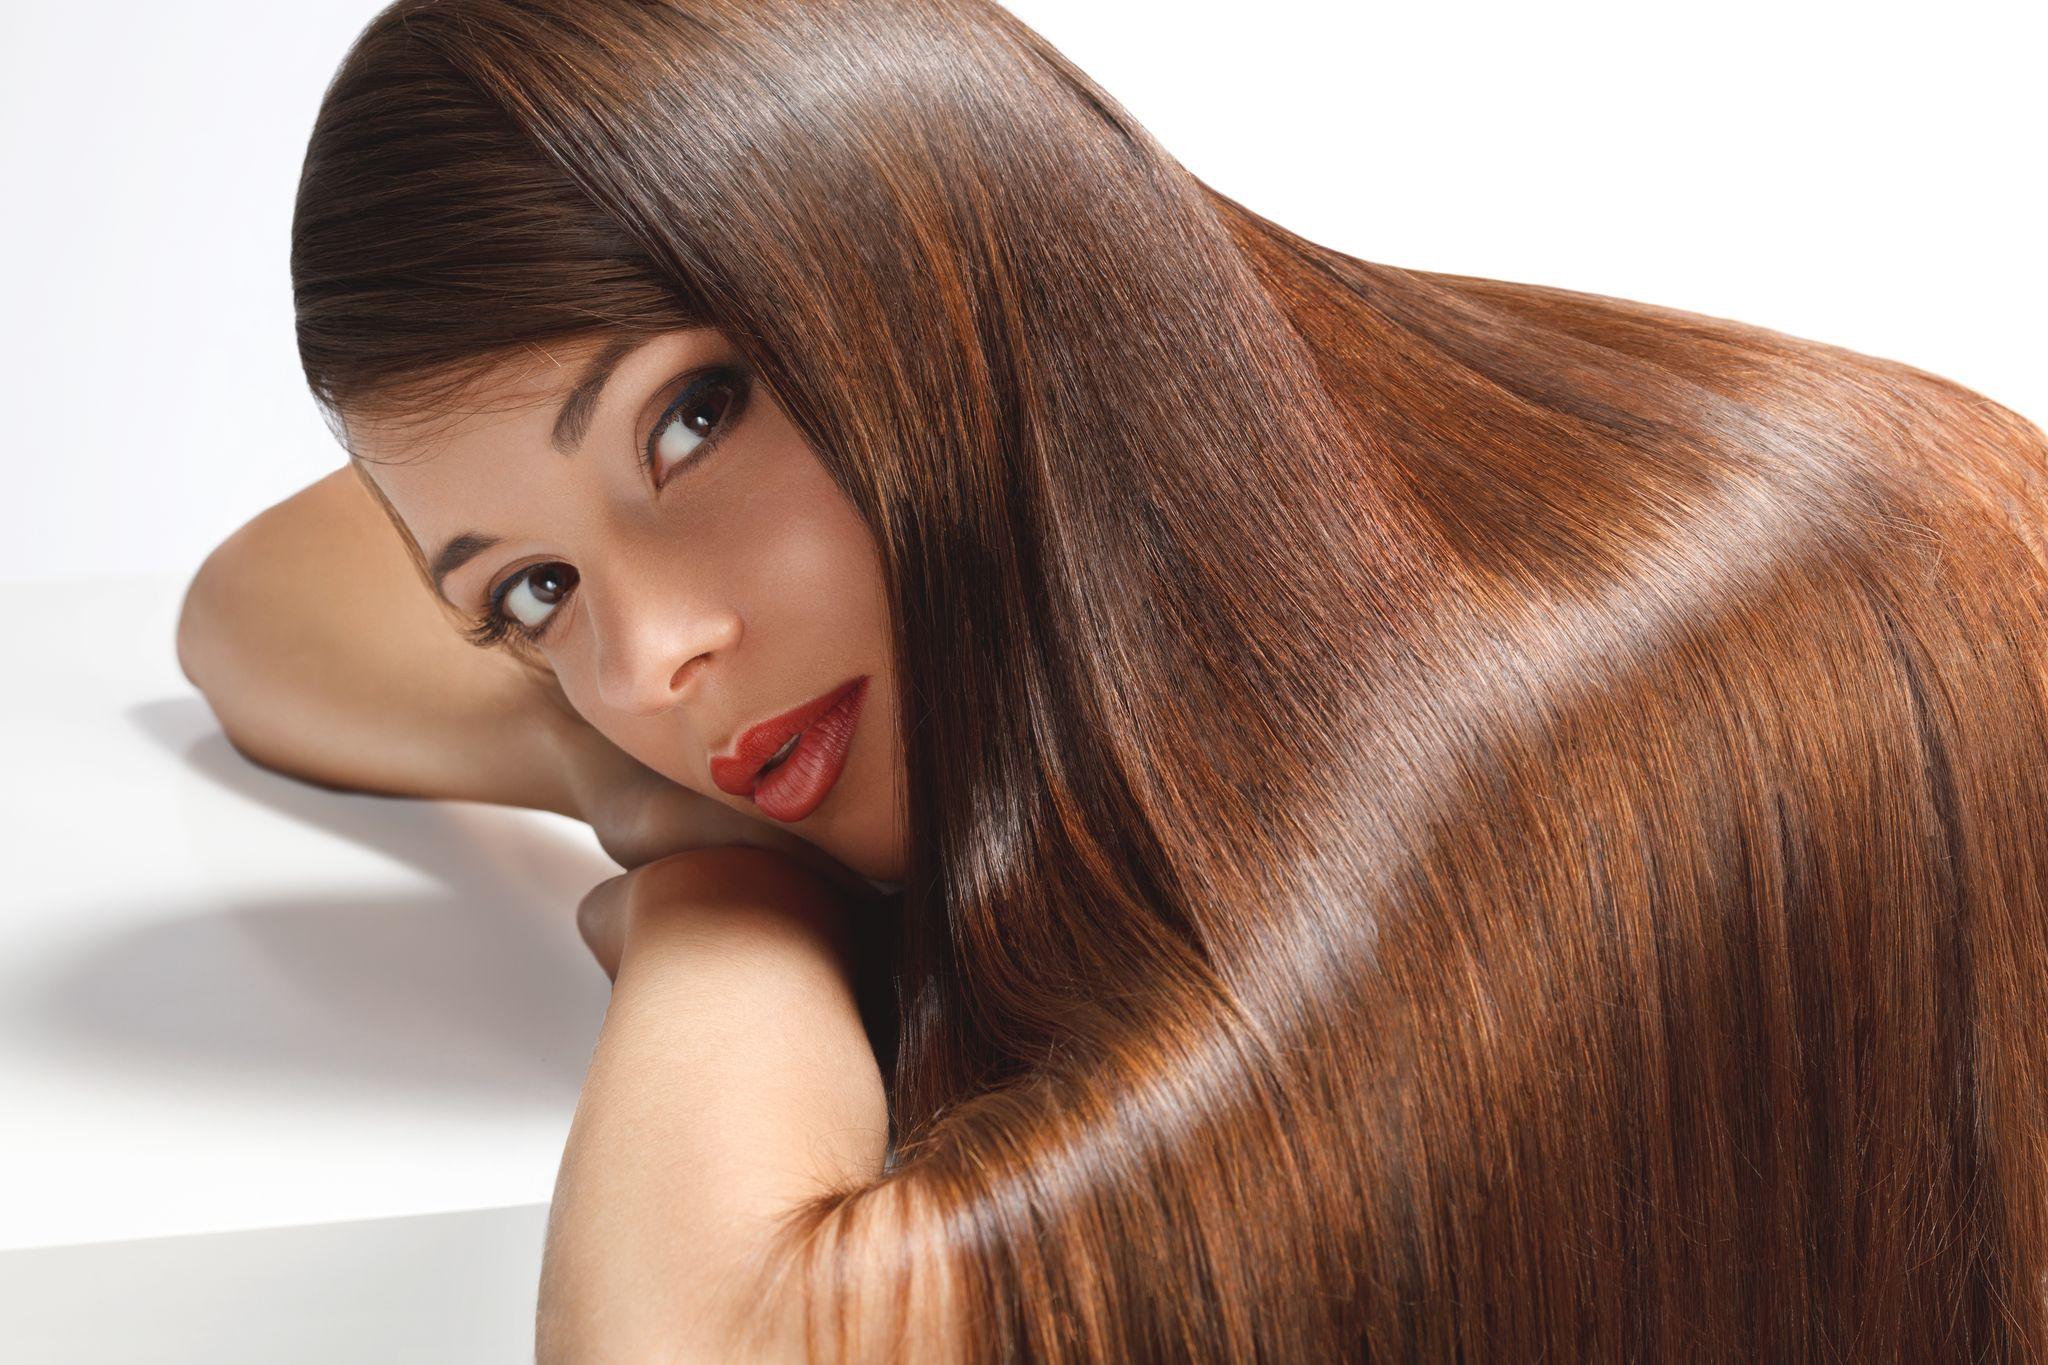 capelli-lisci-zephir-parrucchieri-ascona-muralto